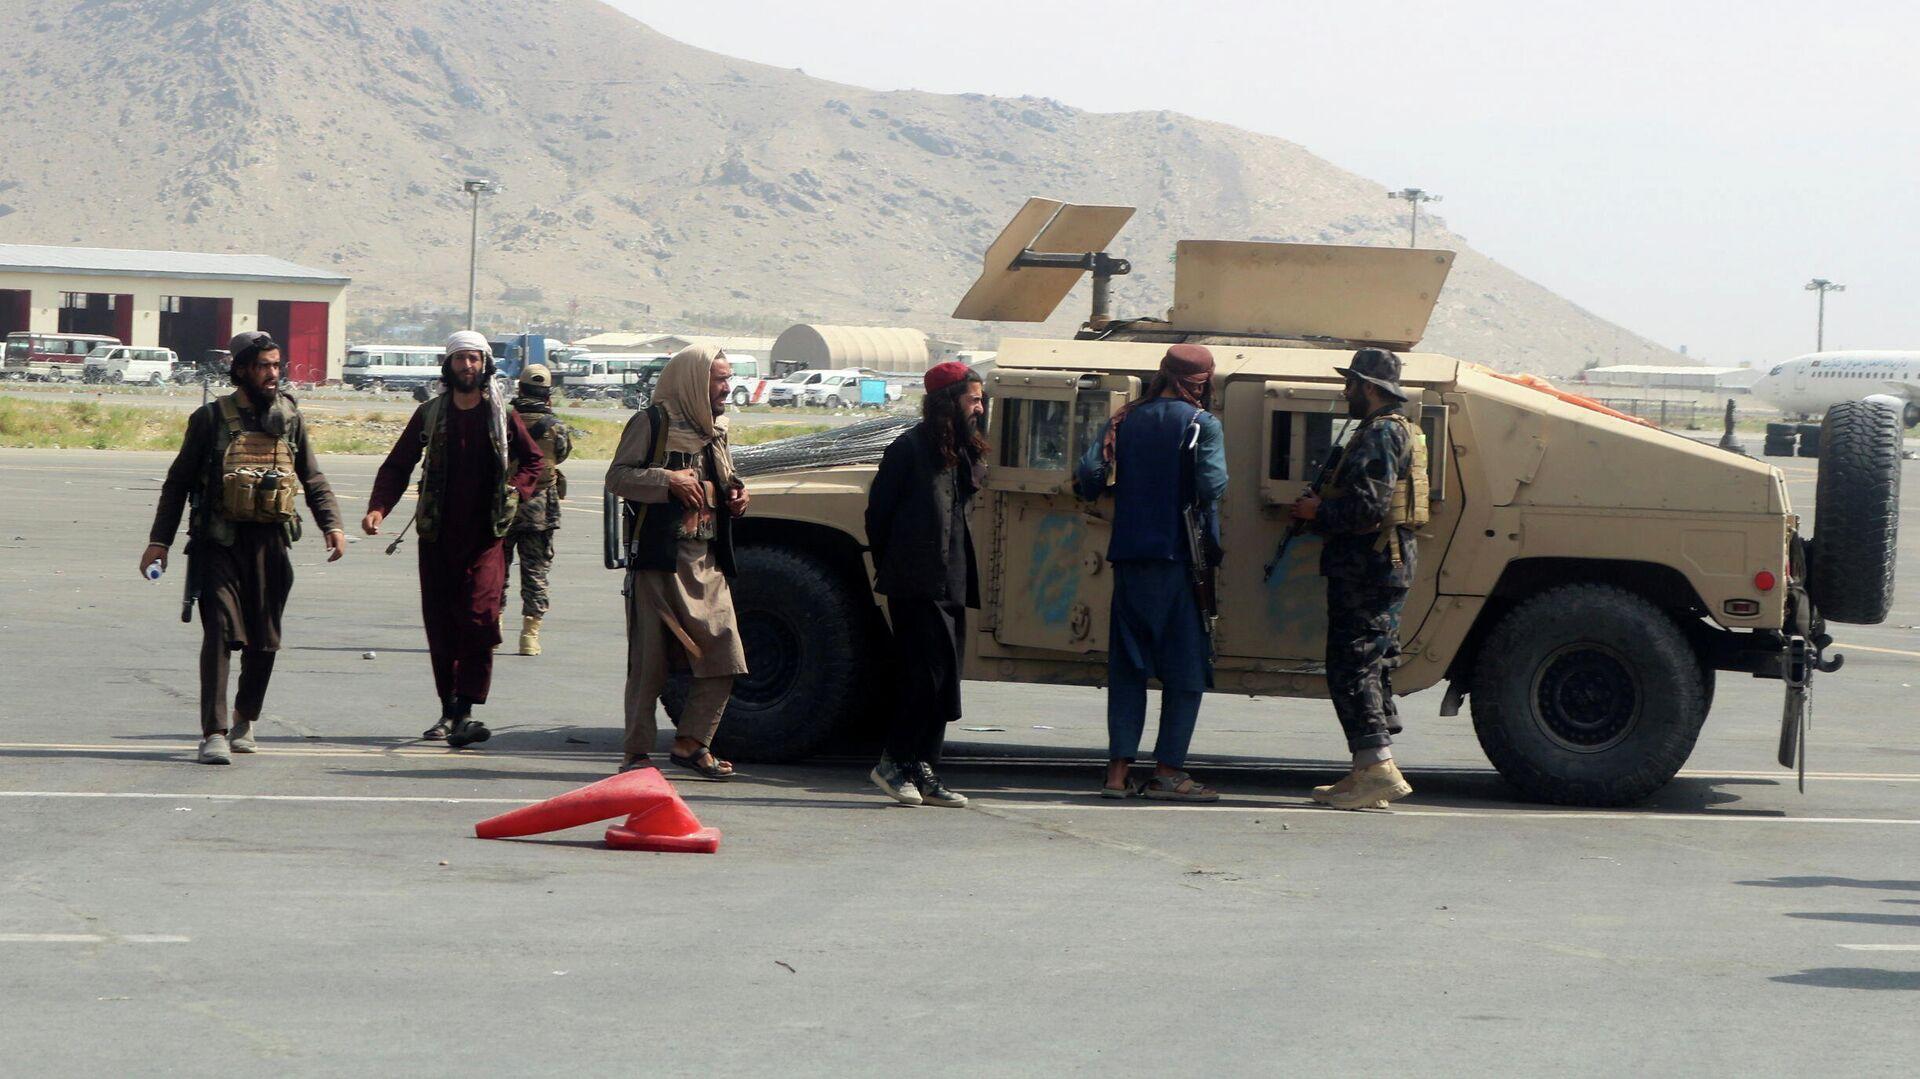 Члены Талибана* в международном аэропорту Хамида Карзая в Кабуле после вывода американских войск - РИА Новости, 1920, 31.08.2021